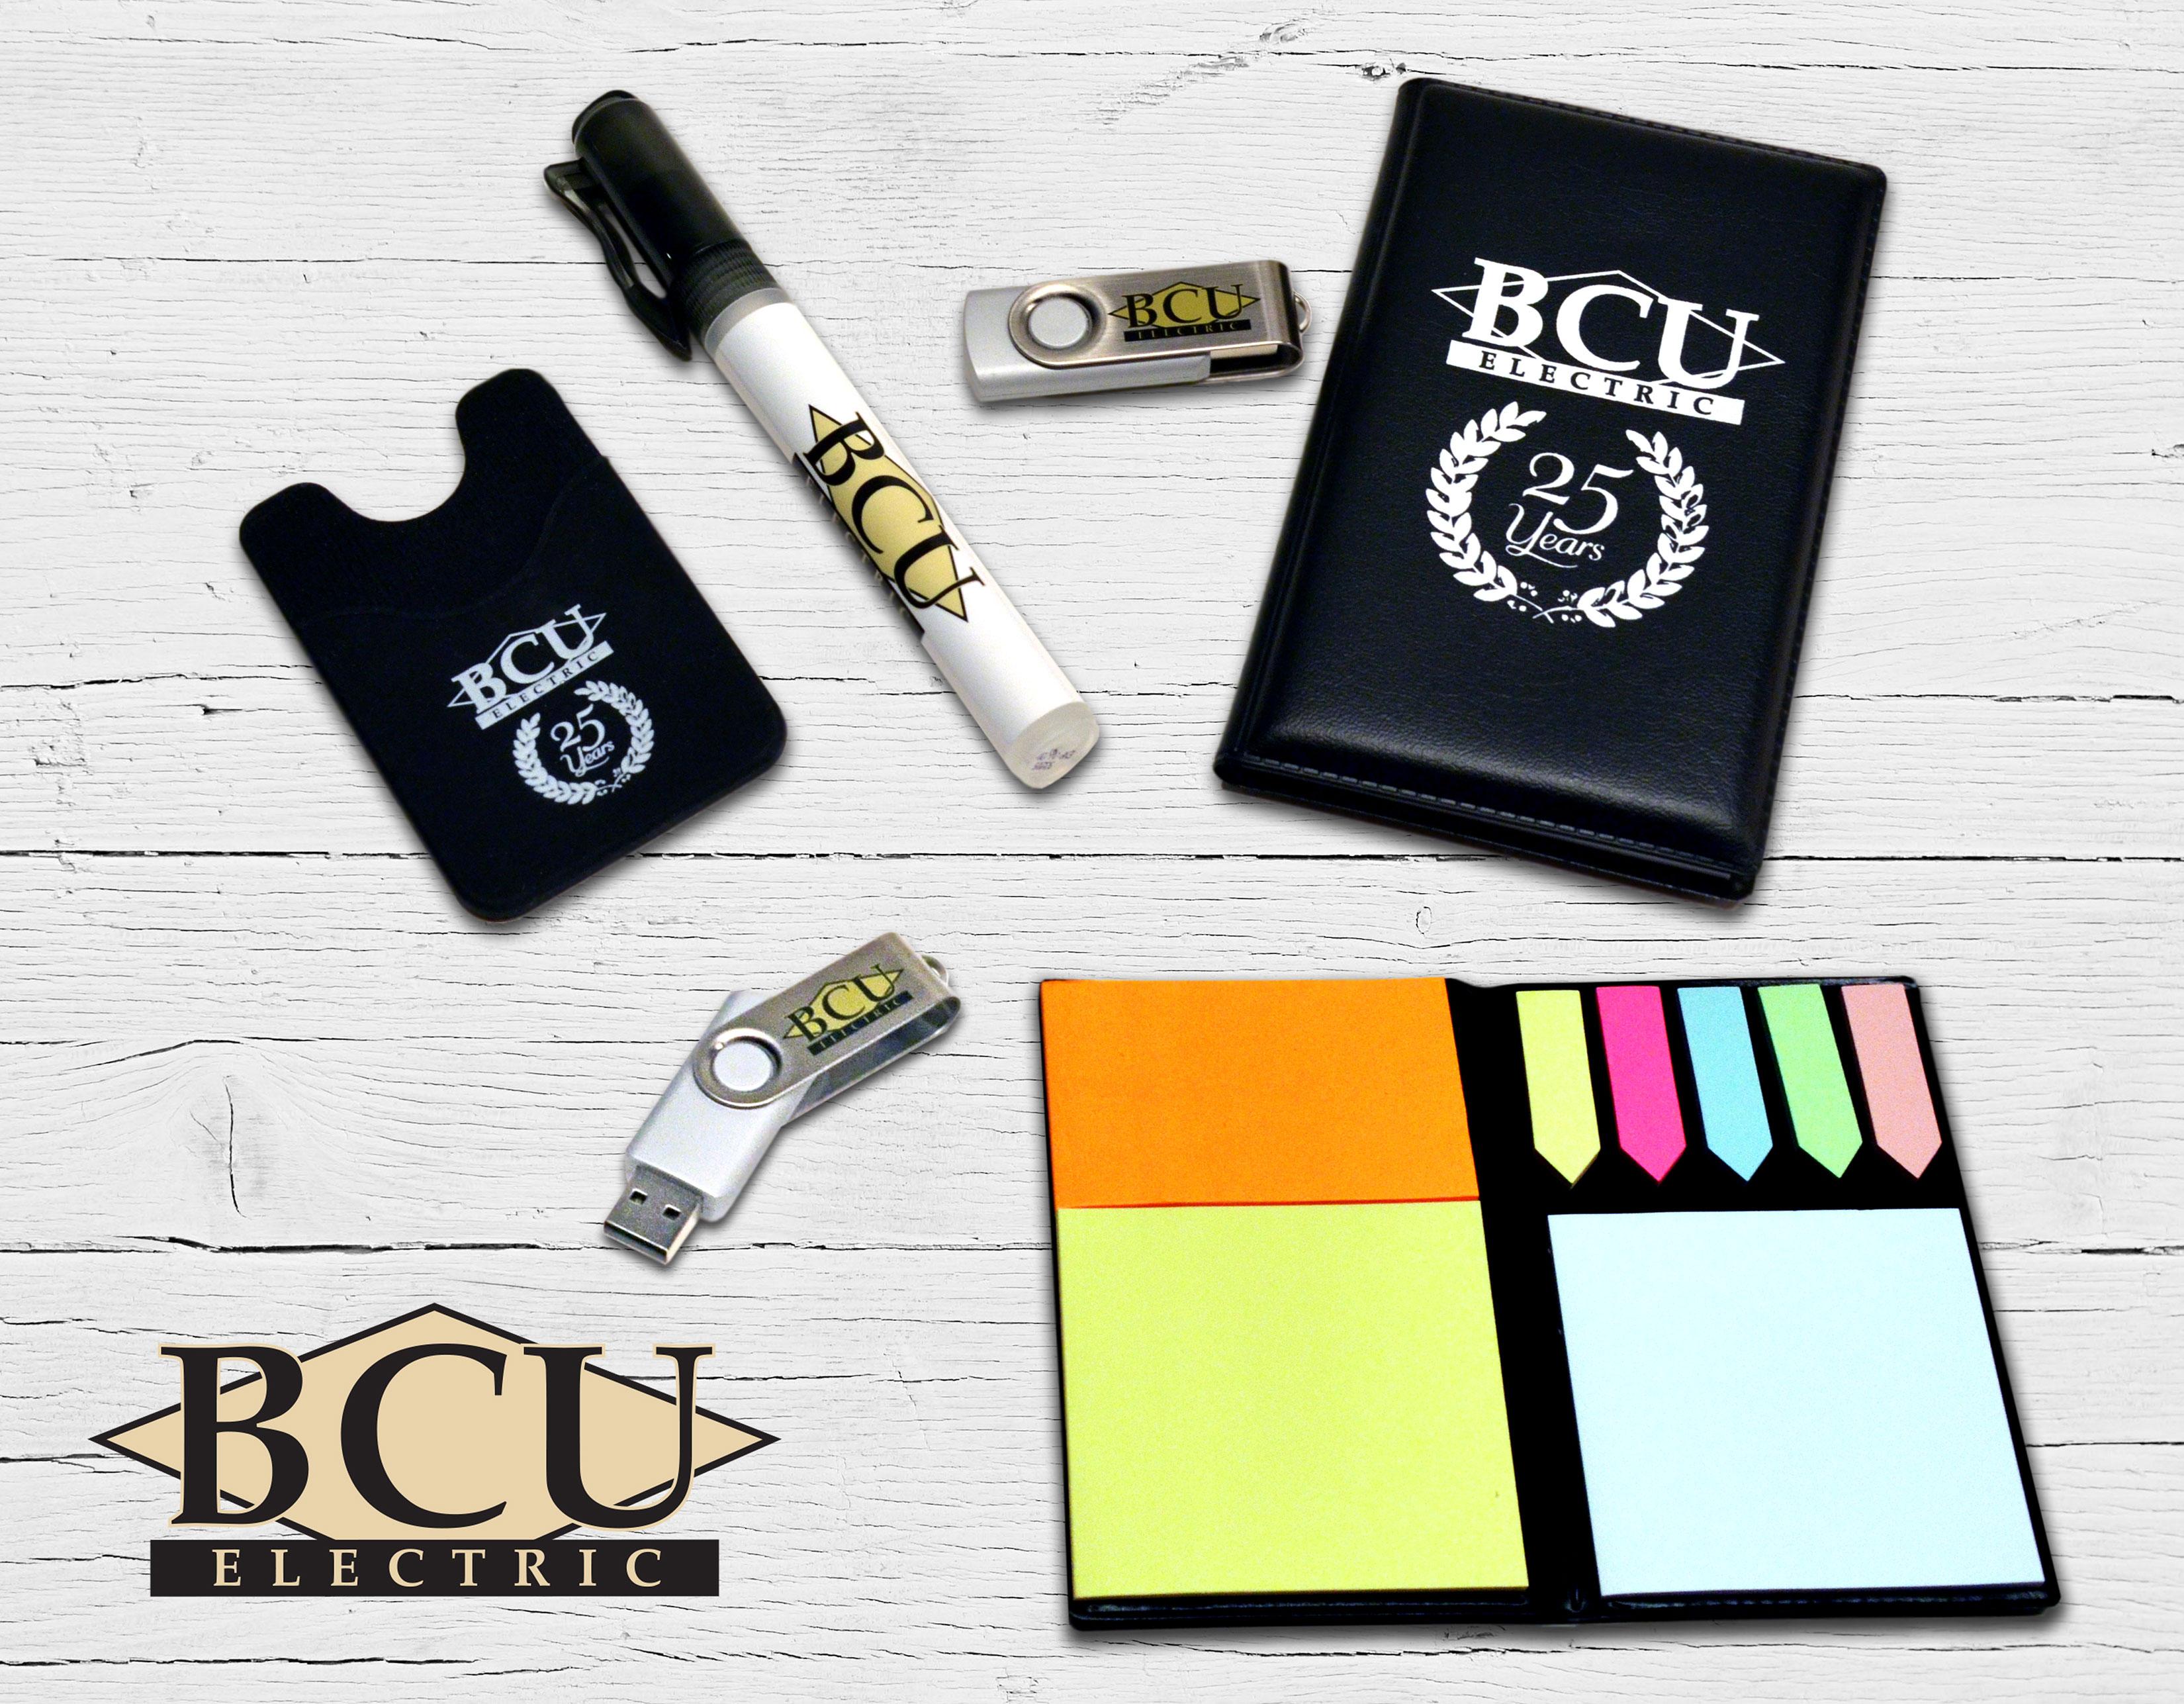 BCU-Electric-new